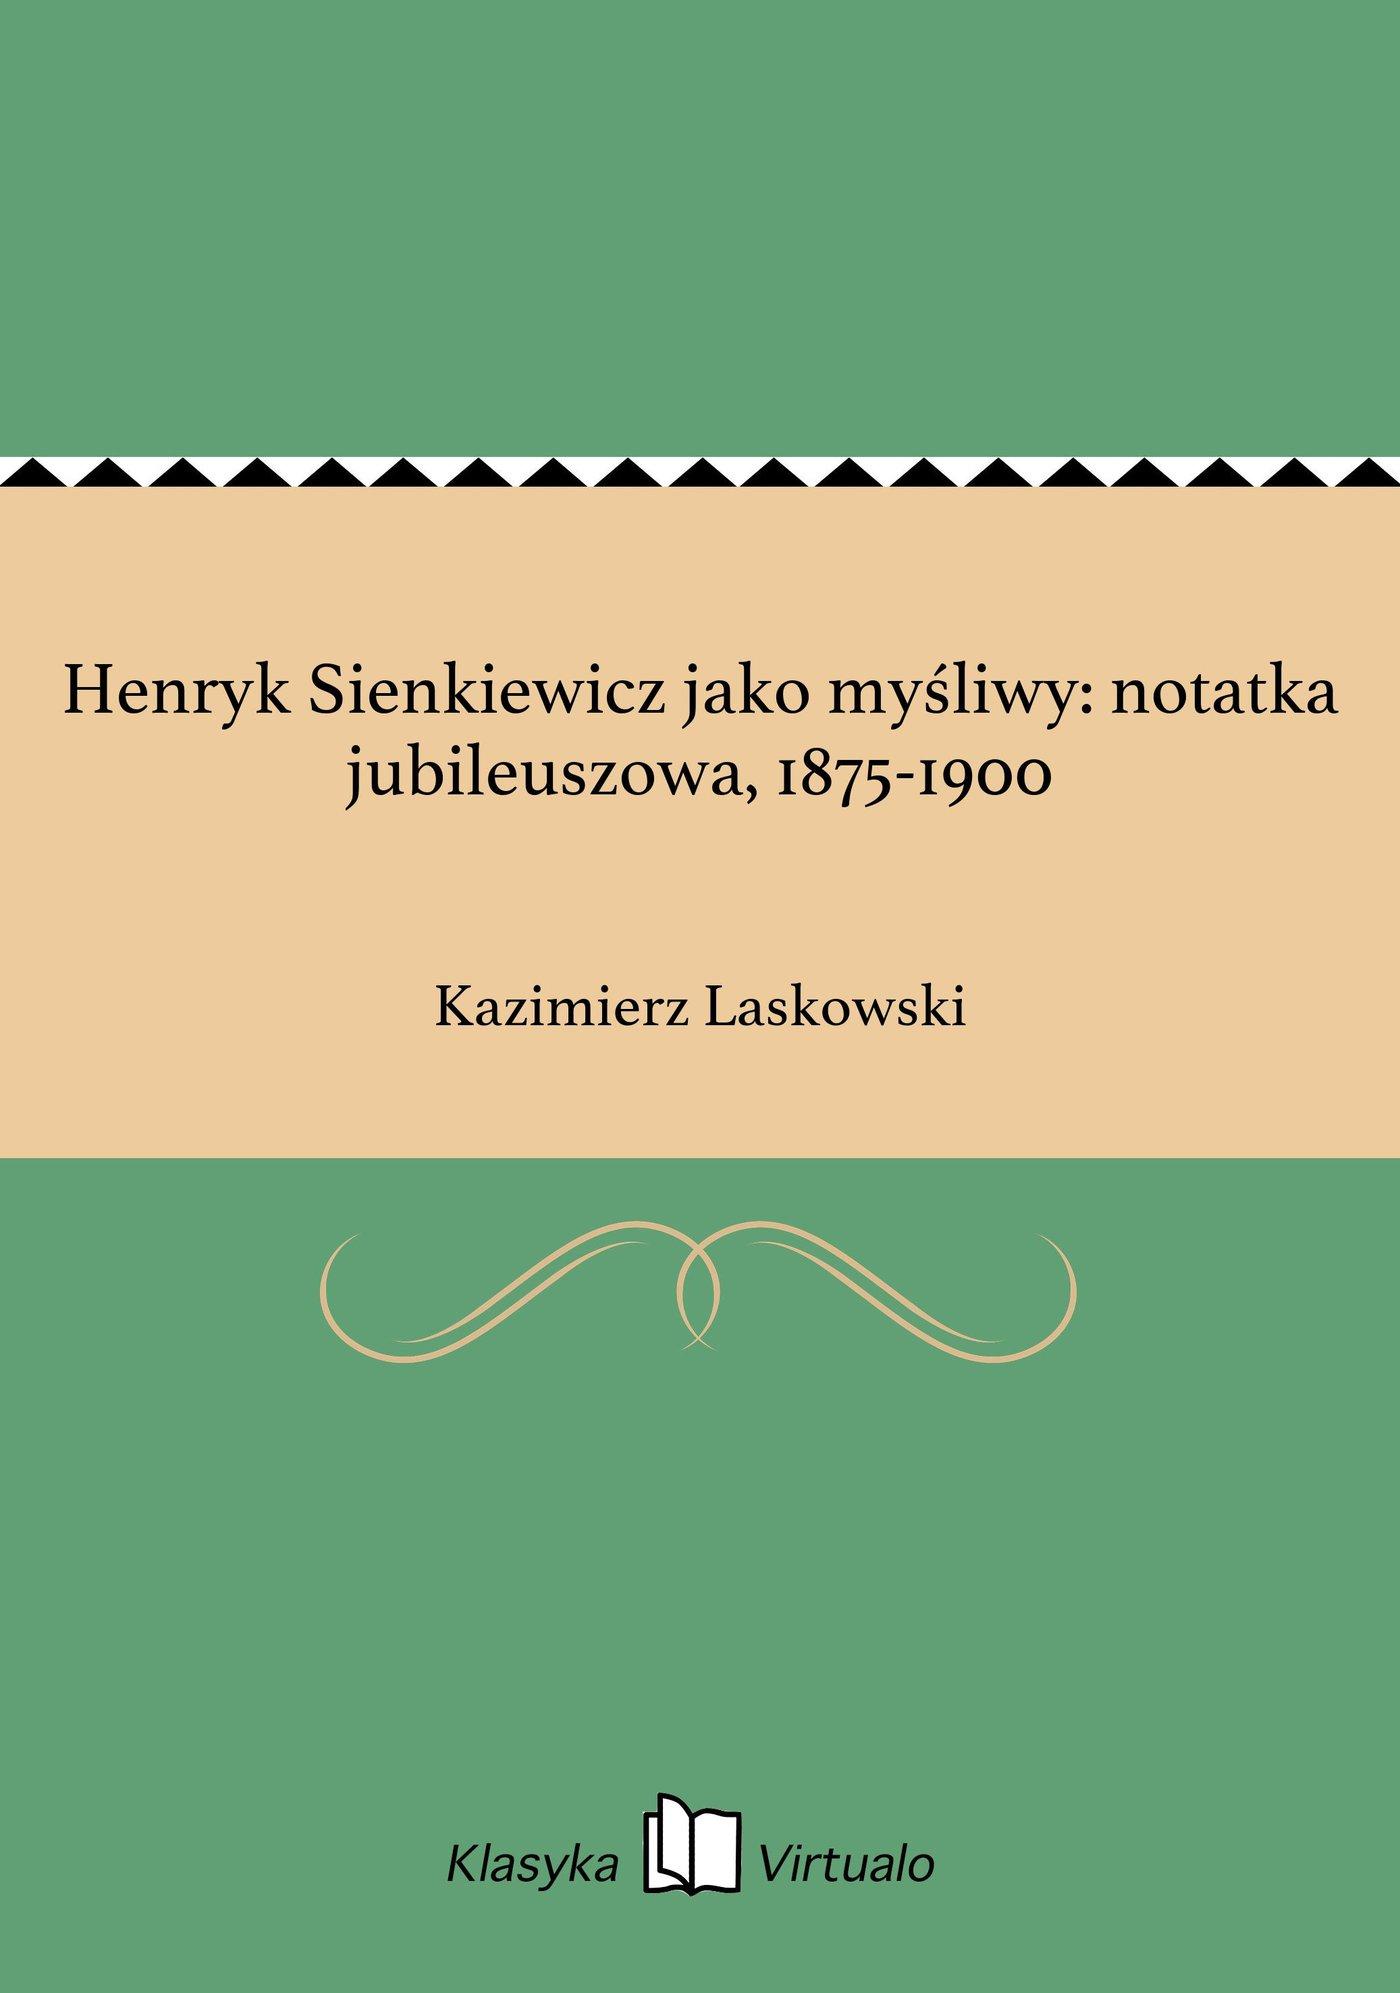 Henryk Sienkiewicz jako myśliwy: notatka jubileuszowa, 1875-1900 - Ebook (Książka EPUB) do pobrania w formacie EPUB